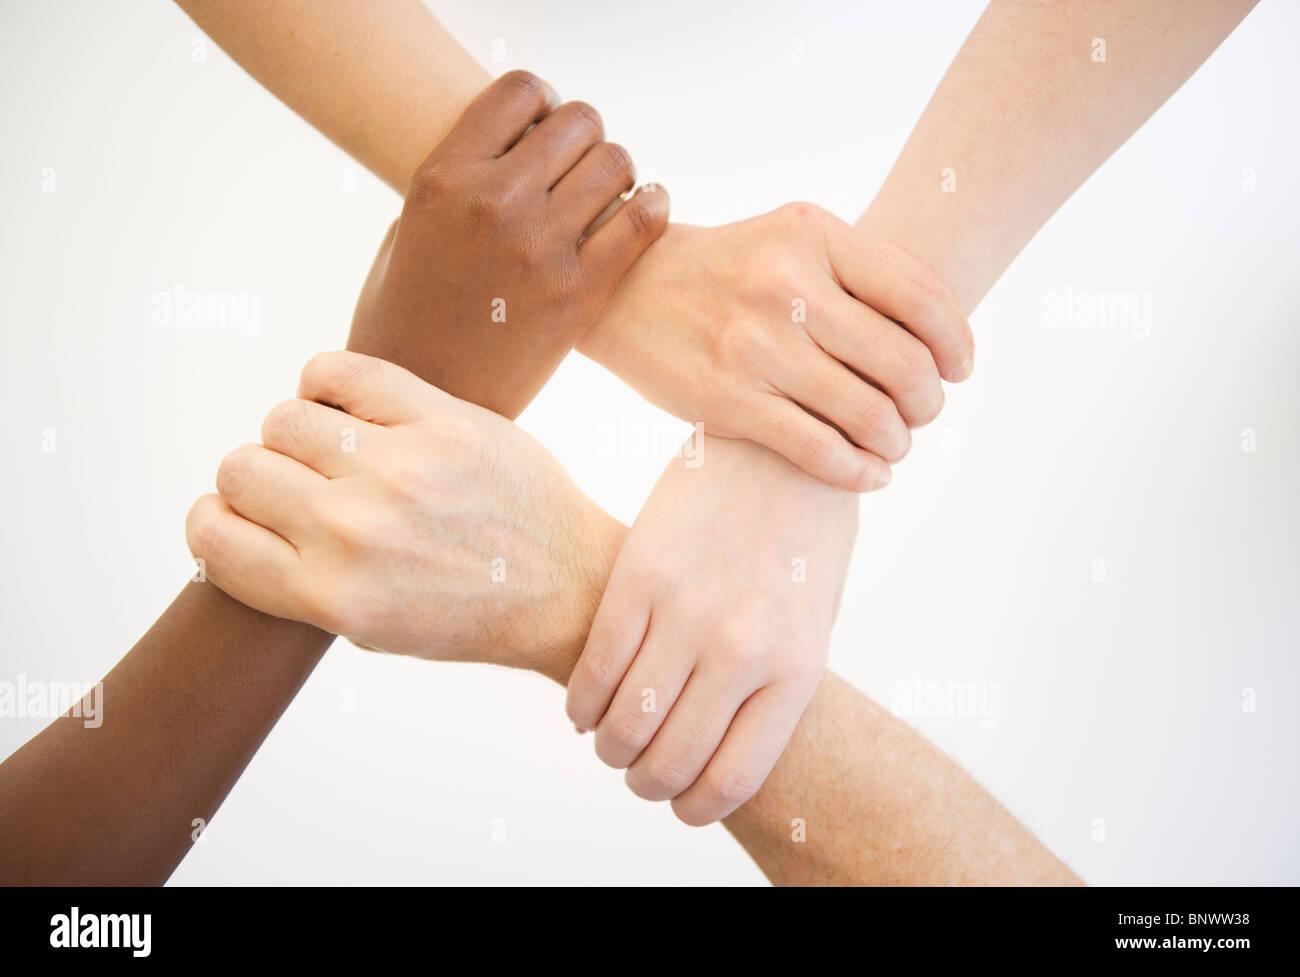 Vier Hände halten Handgelenke anderer Menschen Stockbild